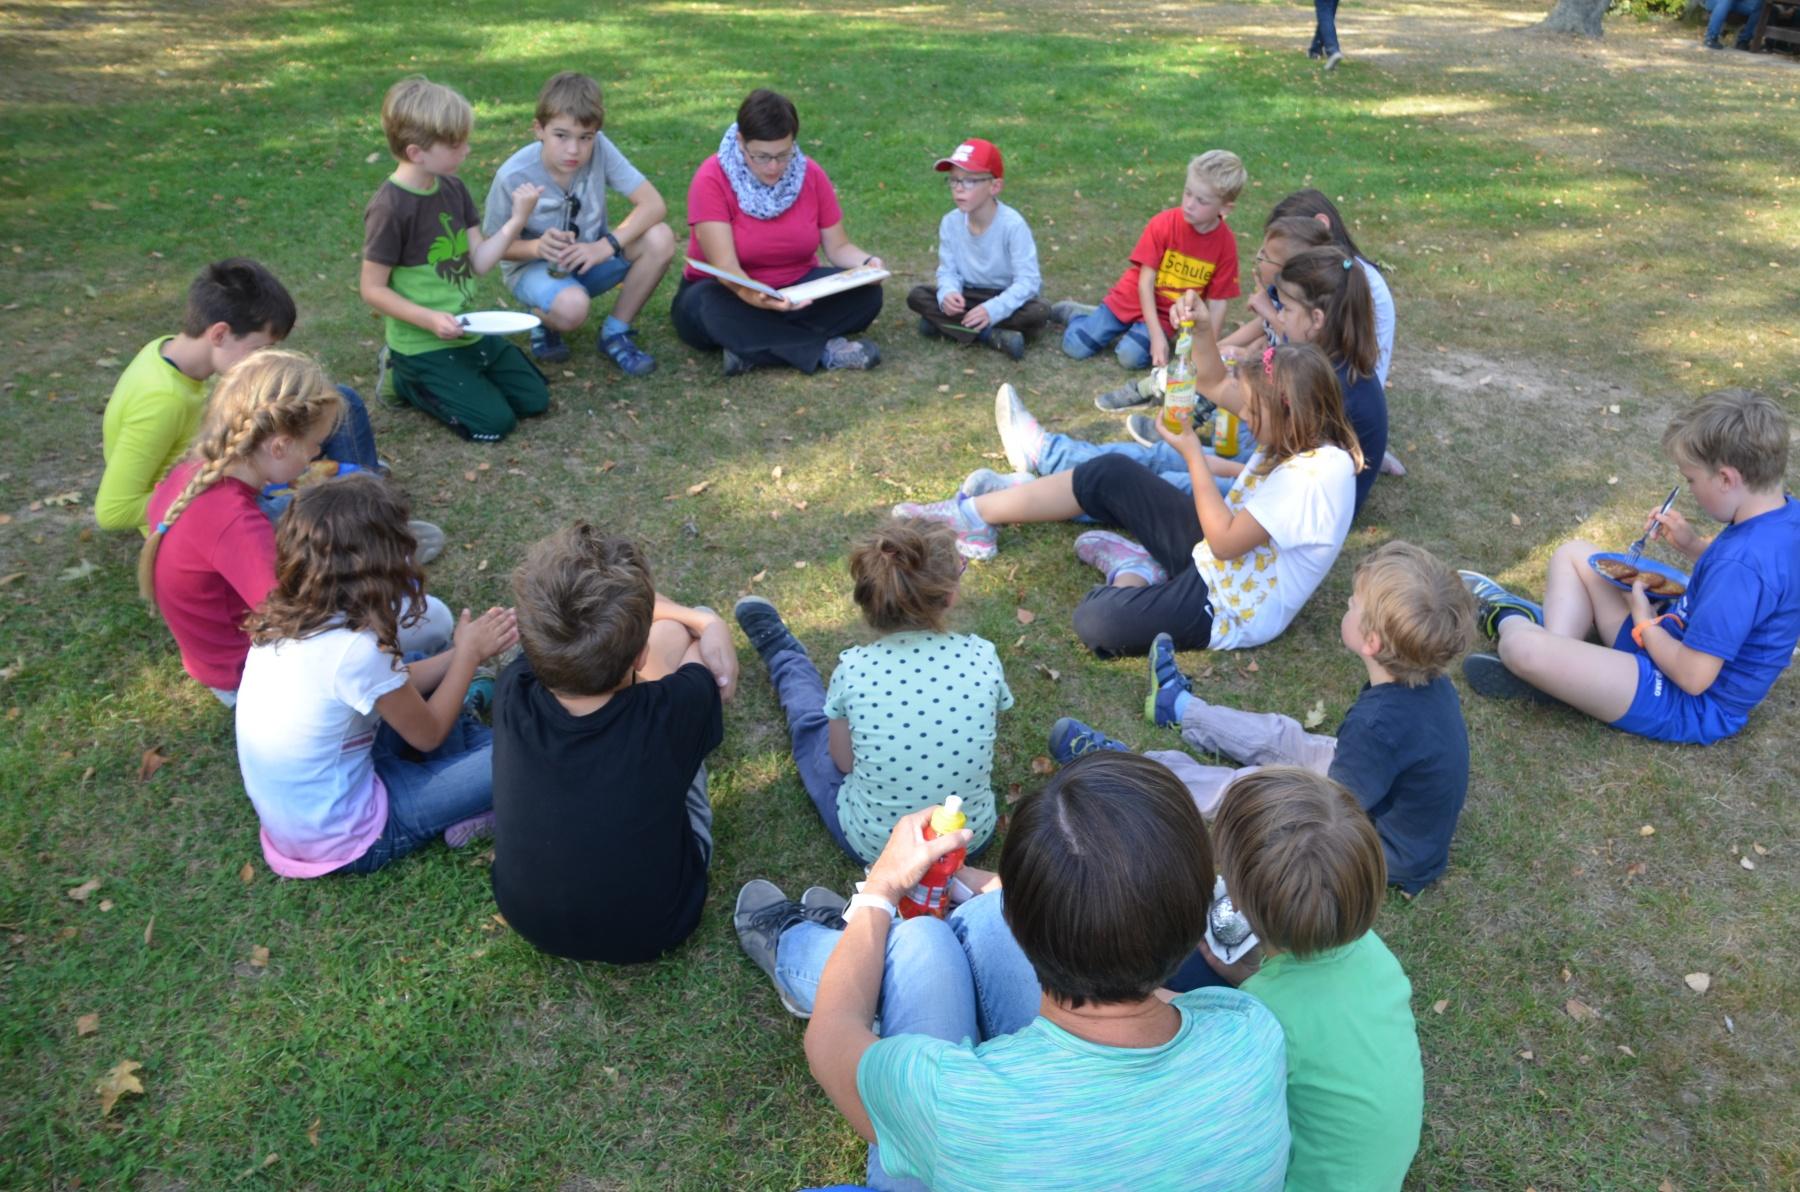 Mit-Interesse-lauschten-die-Kinder-der-Gescichte-über-den-Kartoffelkönig